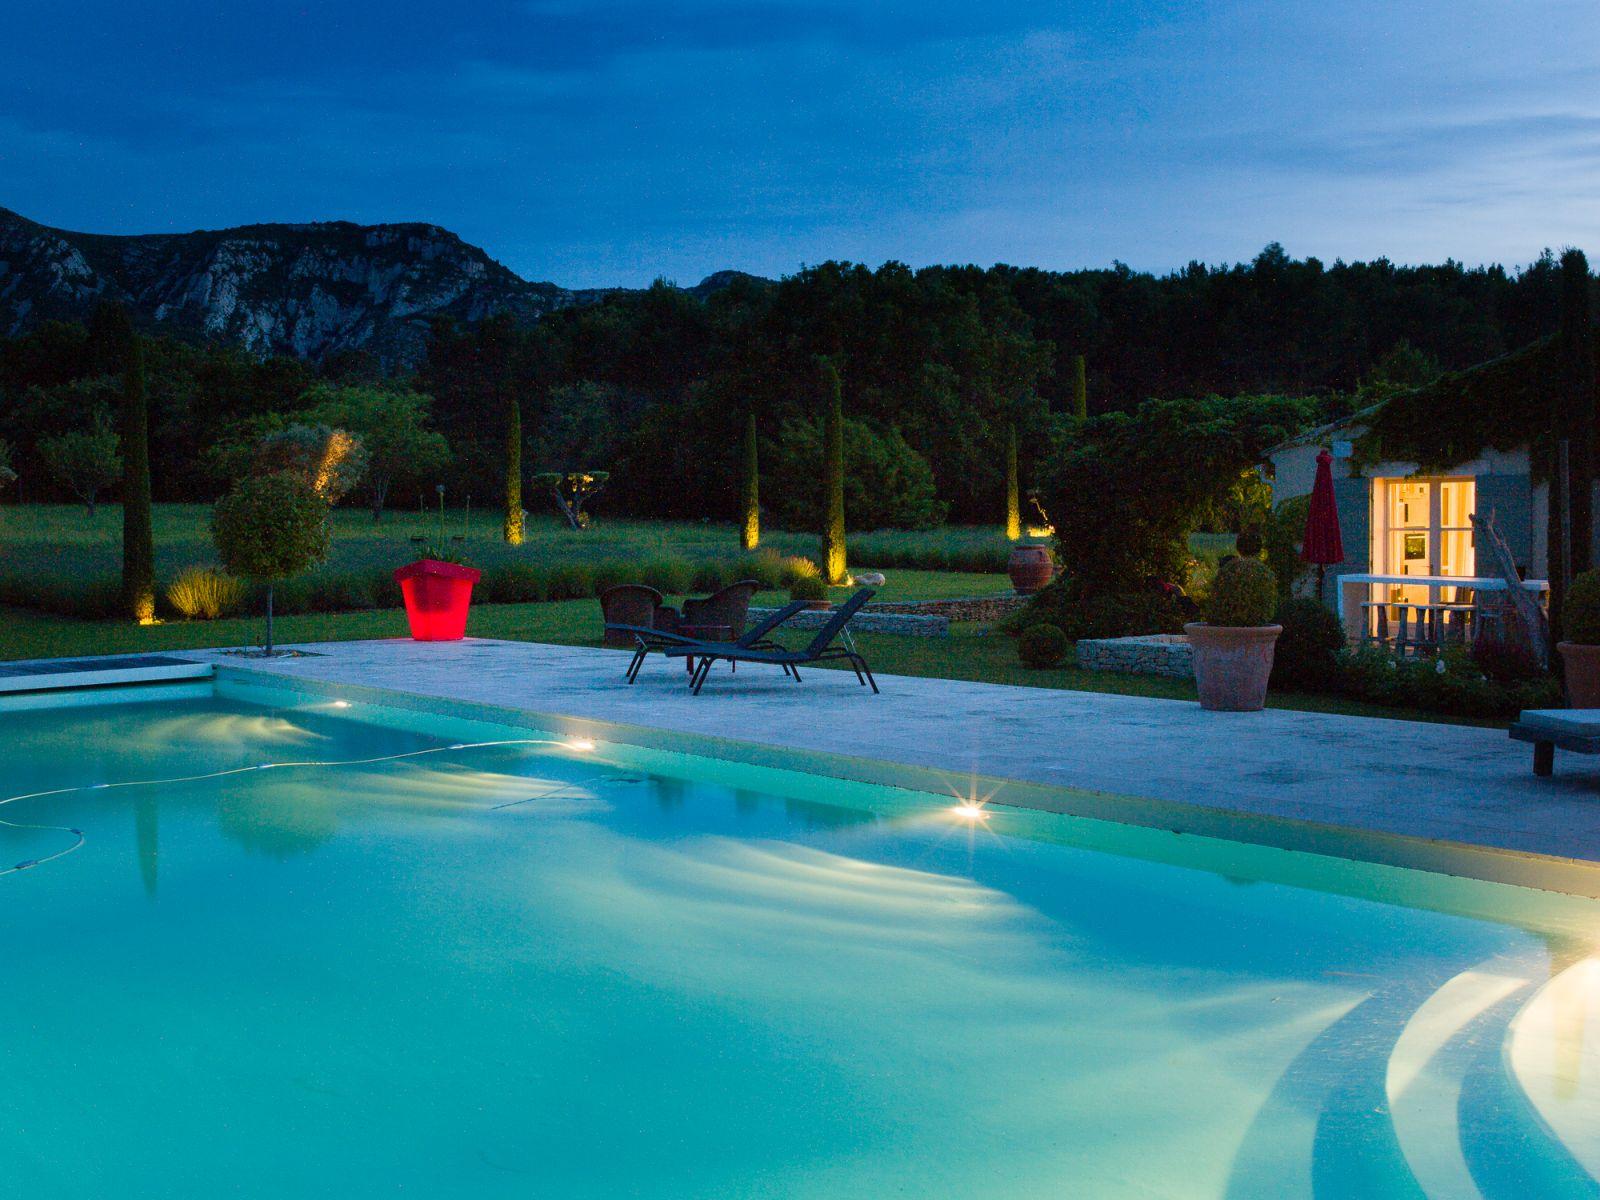 Location Villa Luxe Saint Remy De Provence Avec Piscine Privee Chauffee Et  Piscine Interieure destiné Location Avec Piscine Intérieure Chauffée Privée